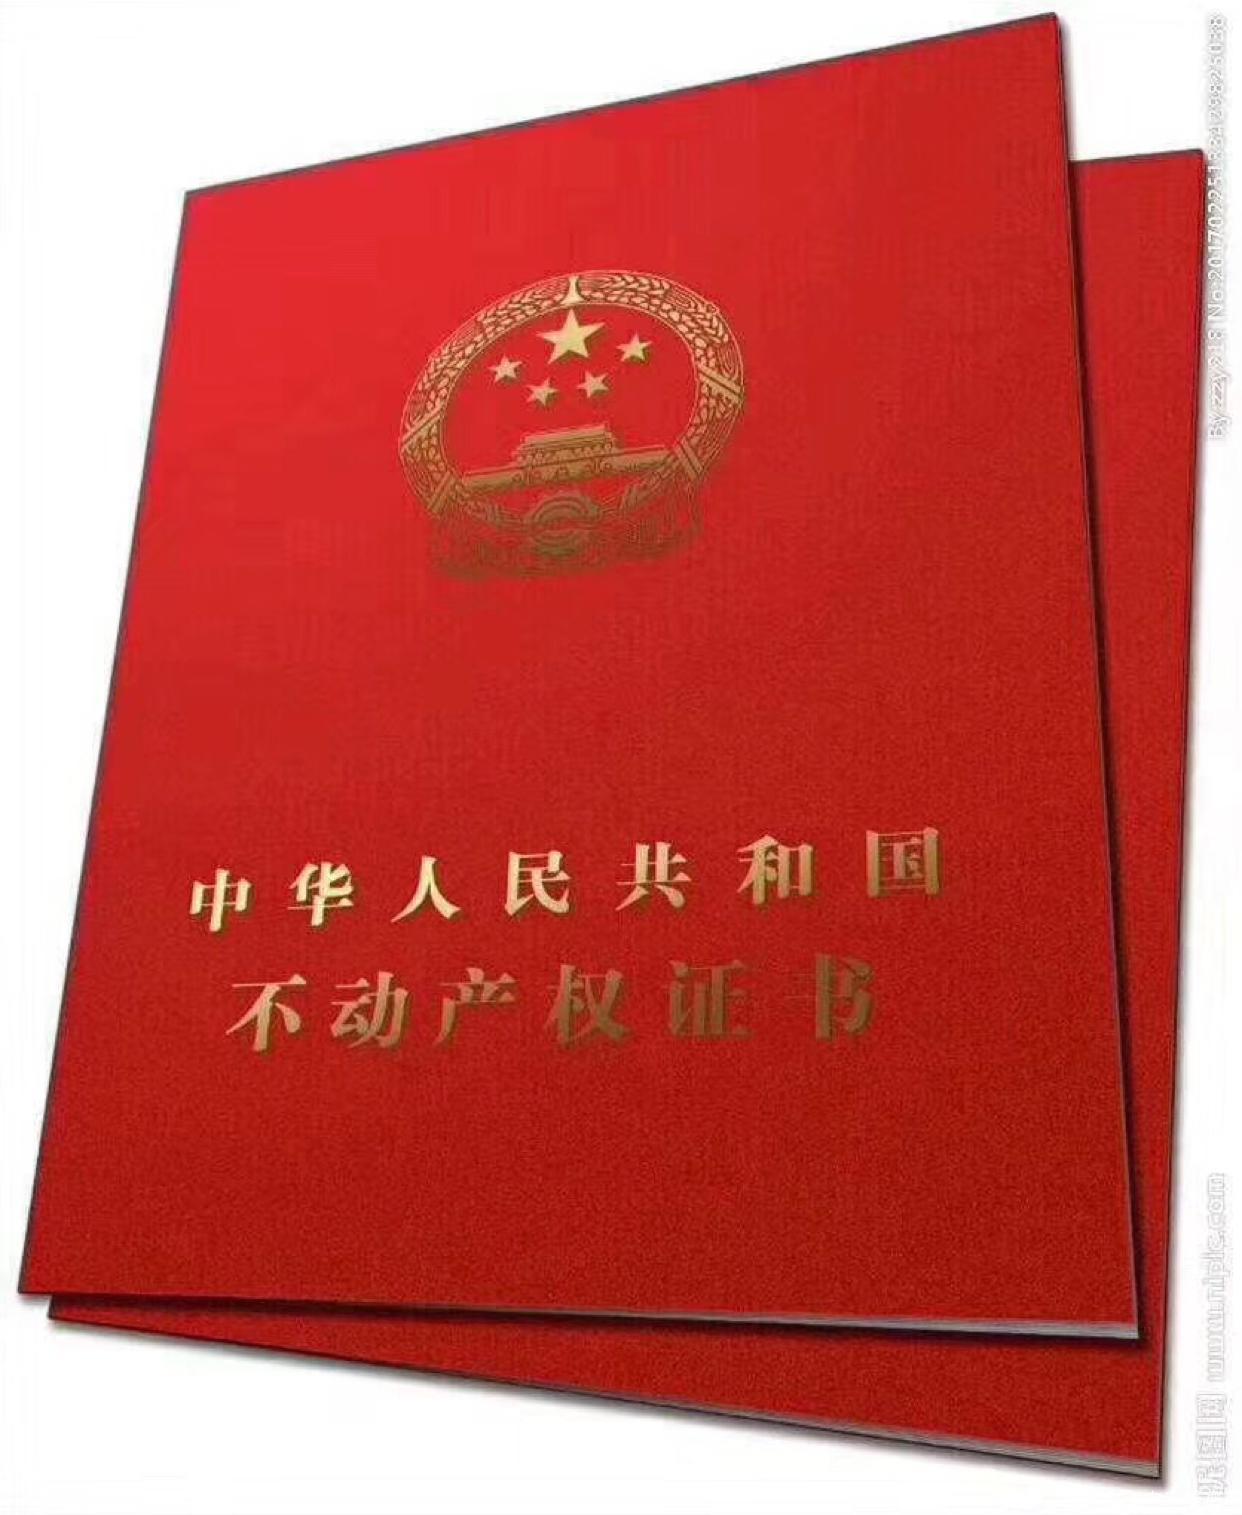 有化工排污许可证红本厂房出售,双证齐全产权清晰